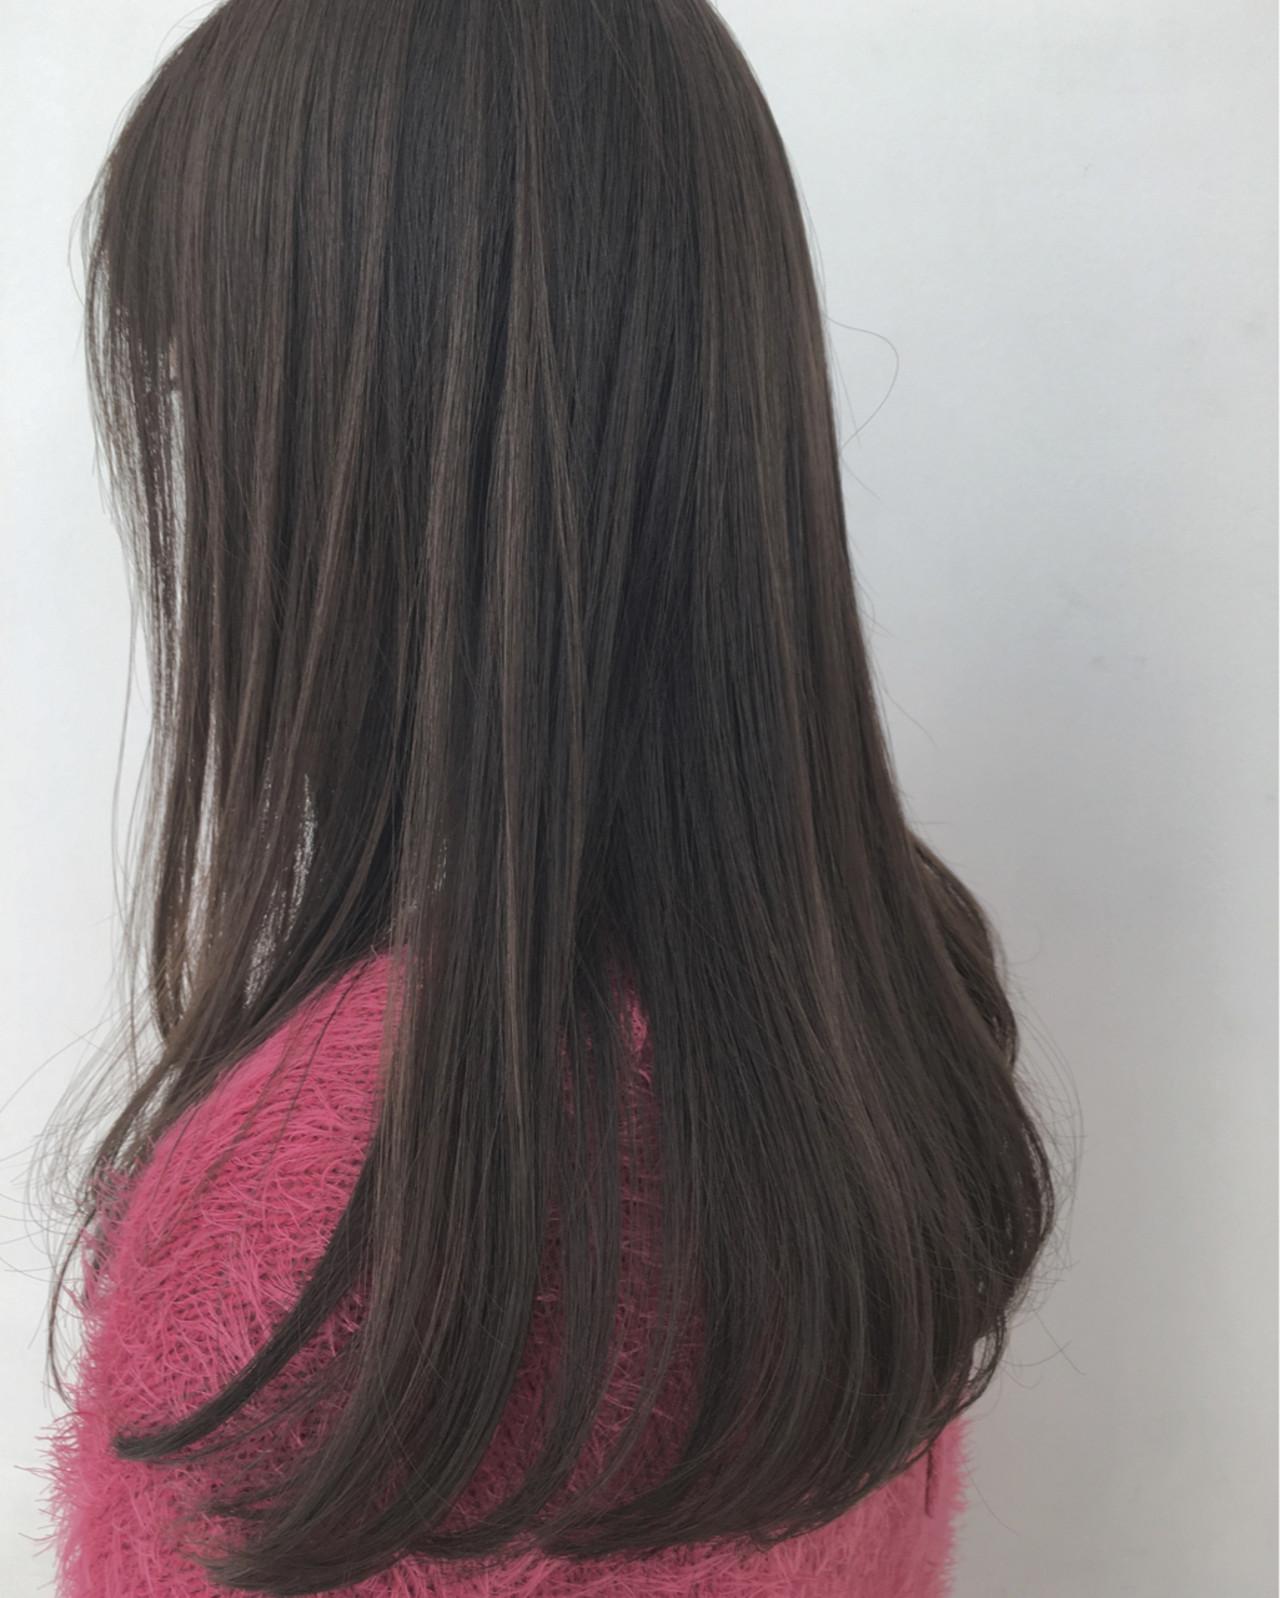 ガーリー フェミニン 外国人風 ハイライト ヘアスタイルや髪型の写真・画像